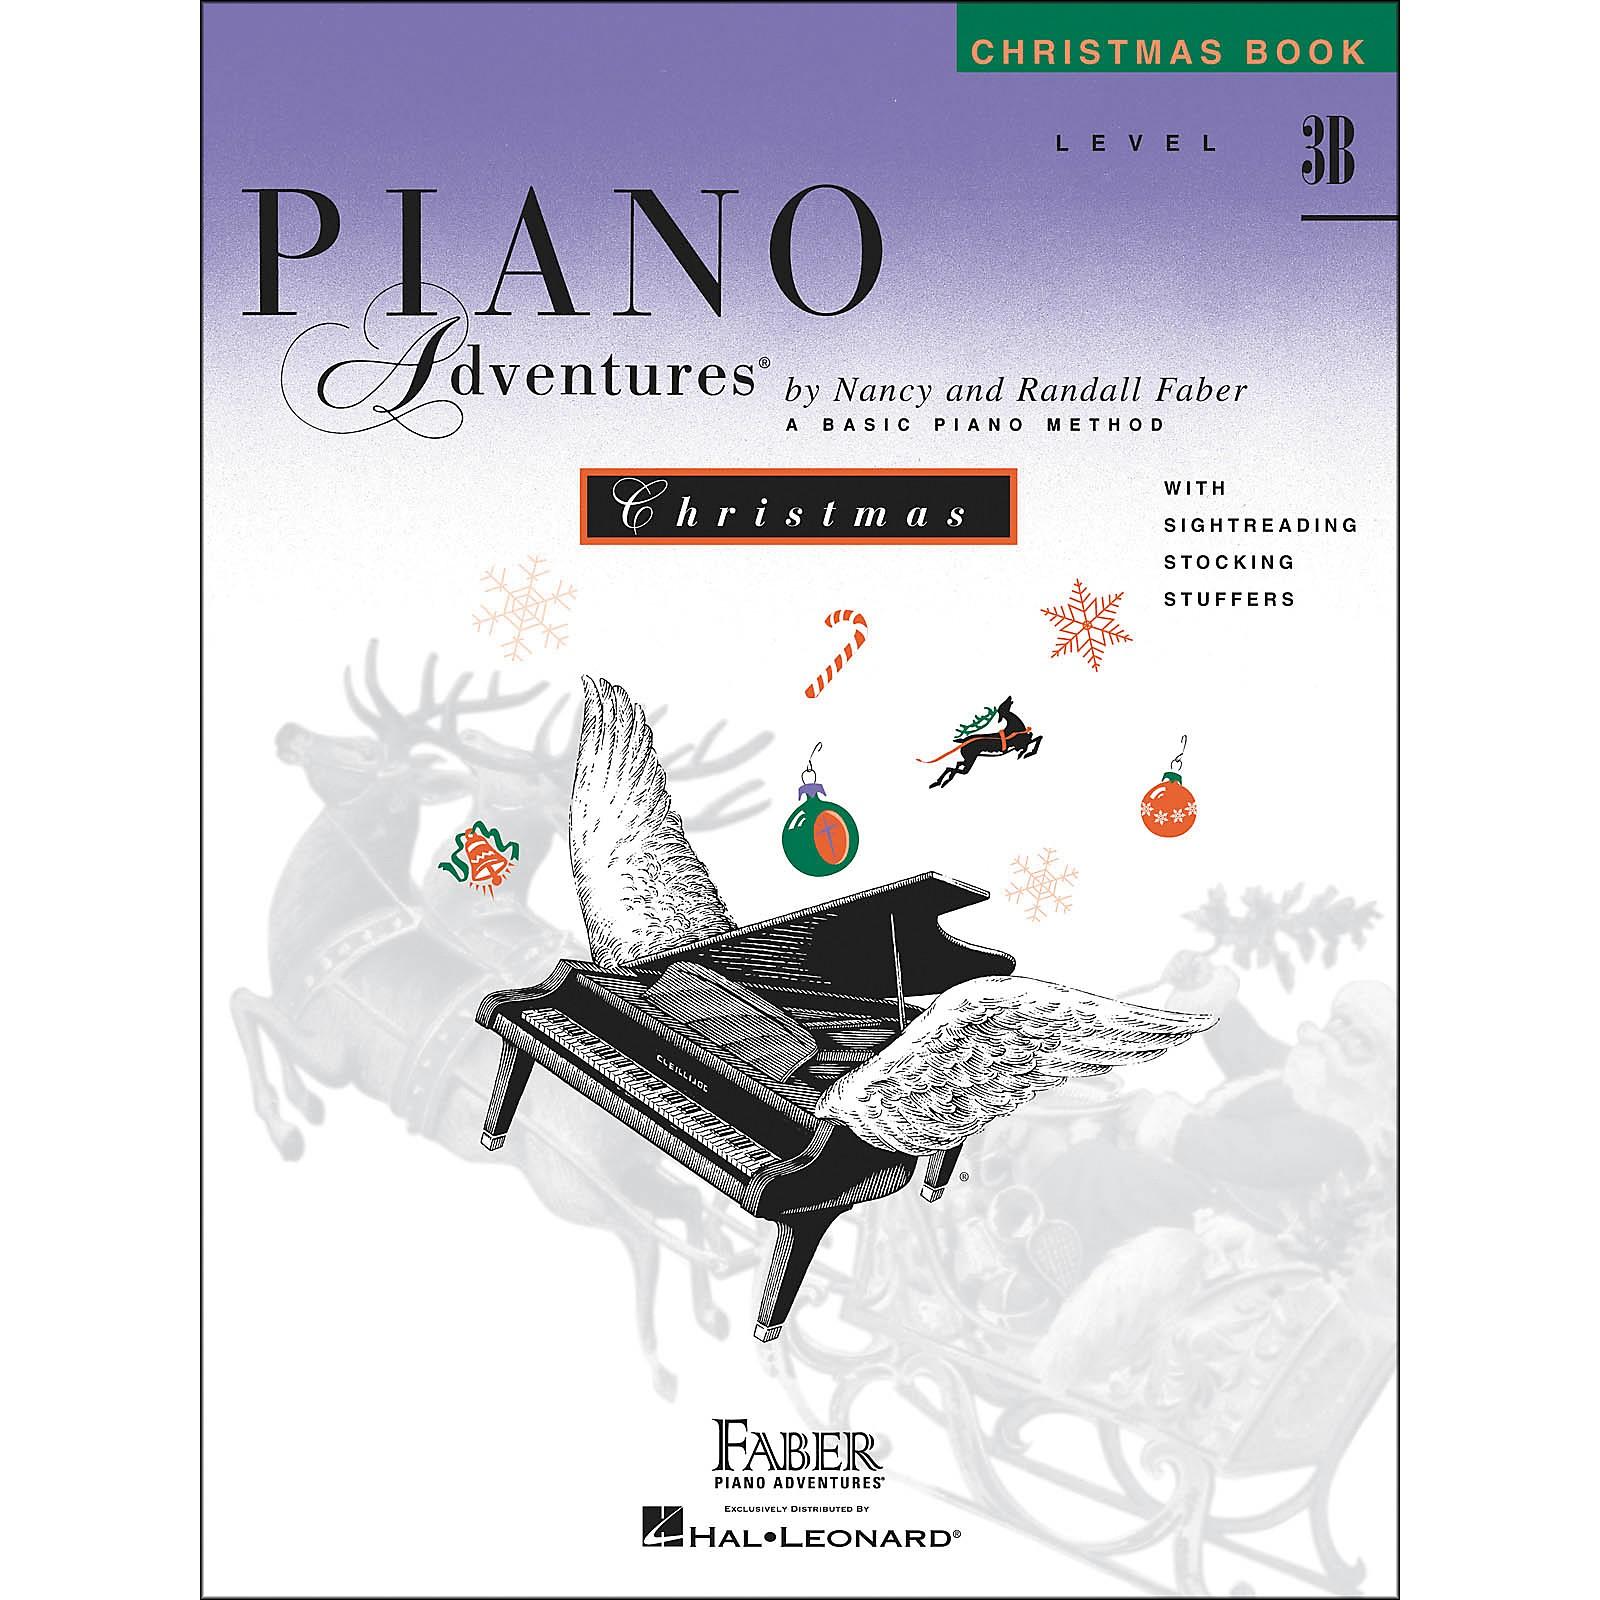 Faber Piano Adventures Piano Adventures Christmas Book Level 3B - Faber Piano